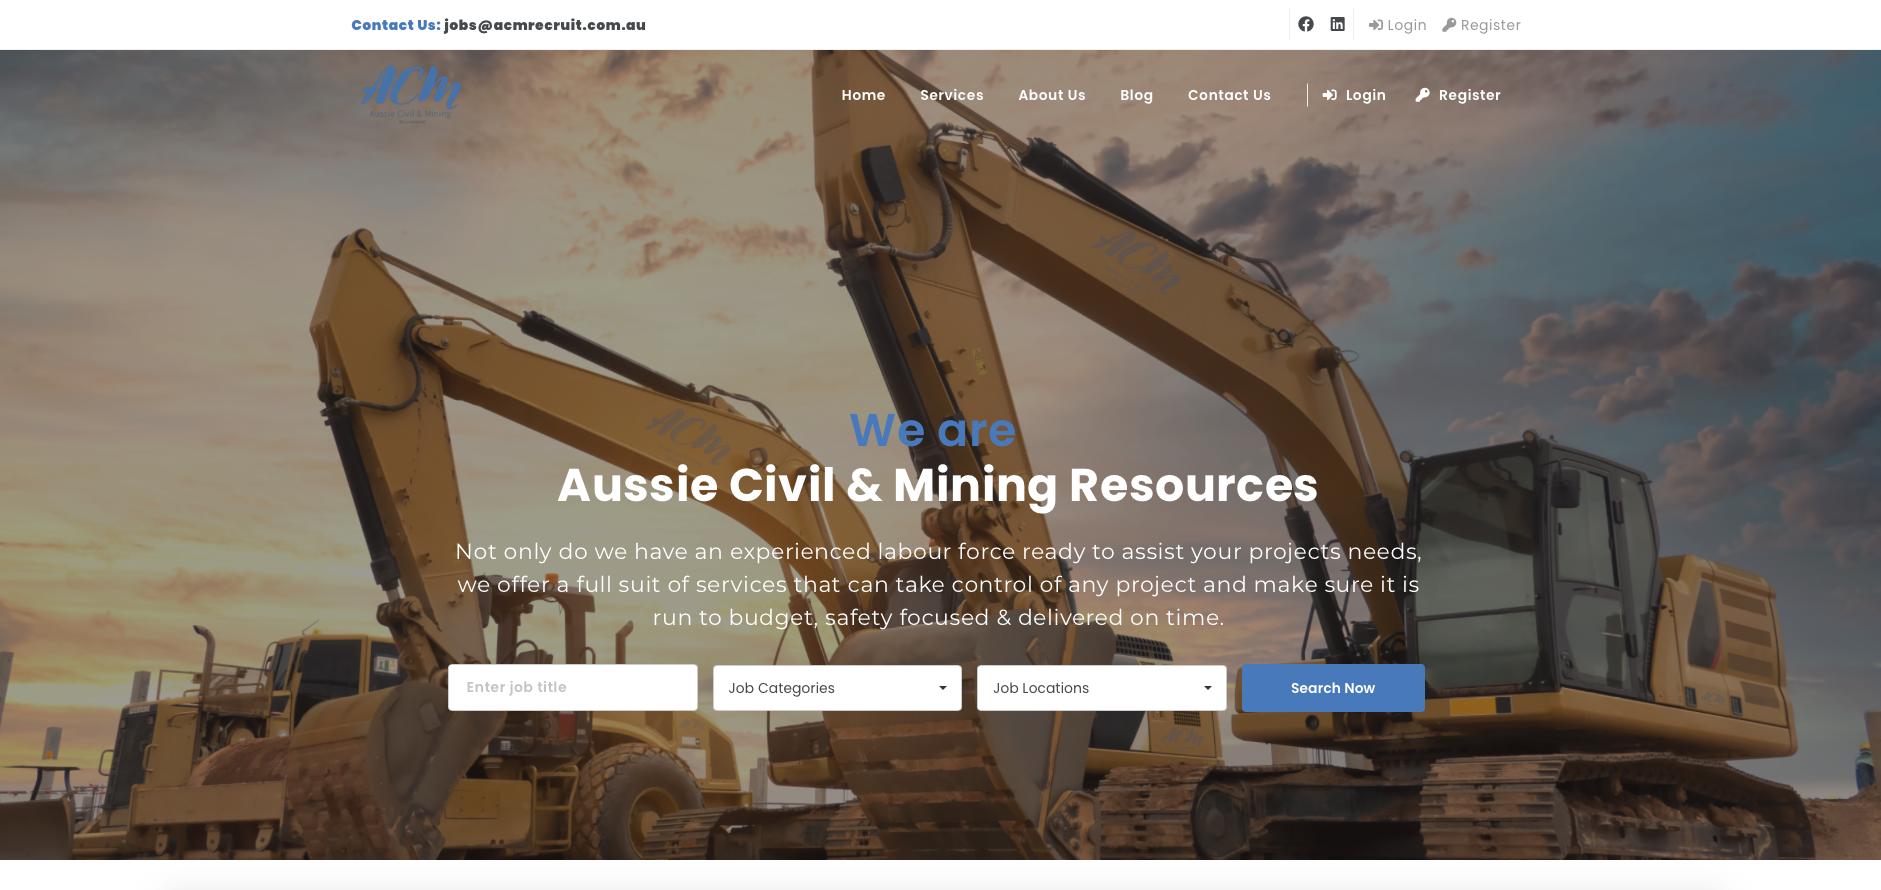 Online-now website sample - Aussie Civil & Mining Resources